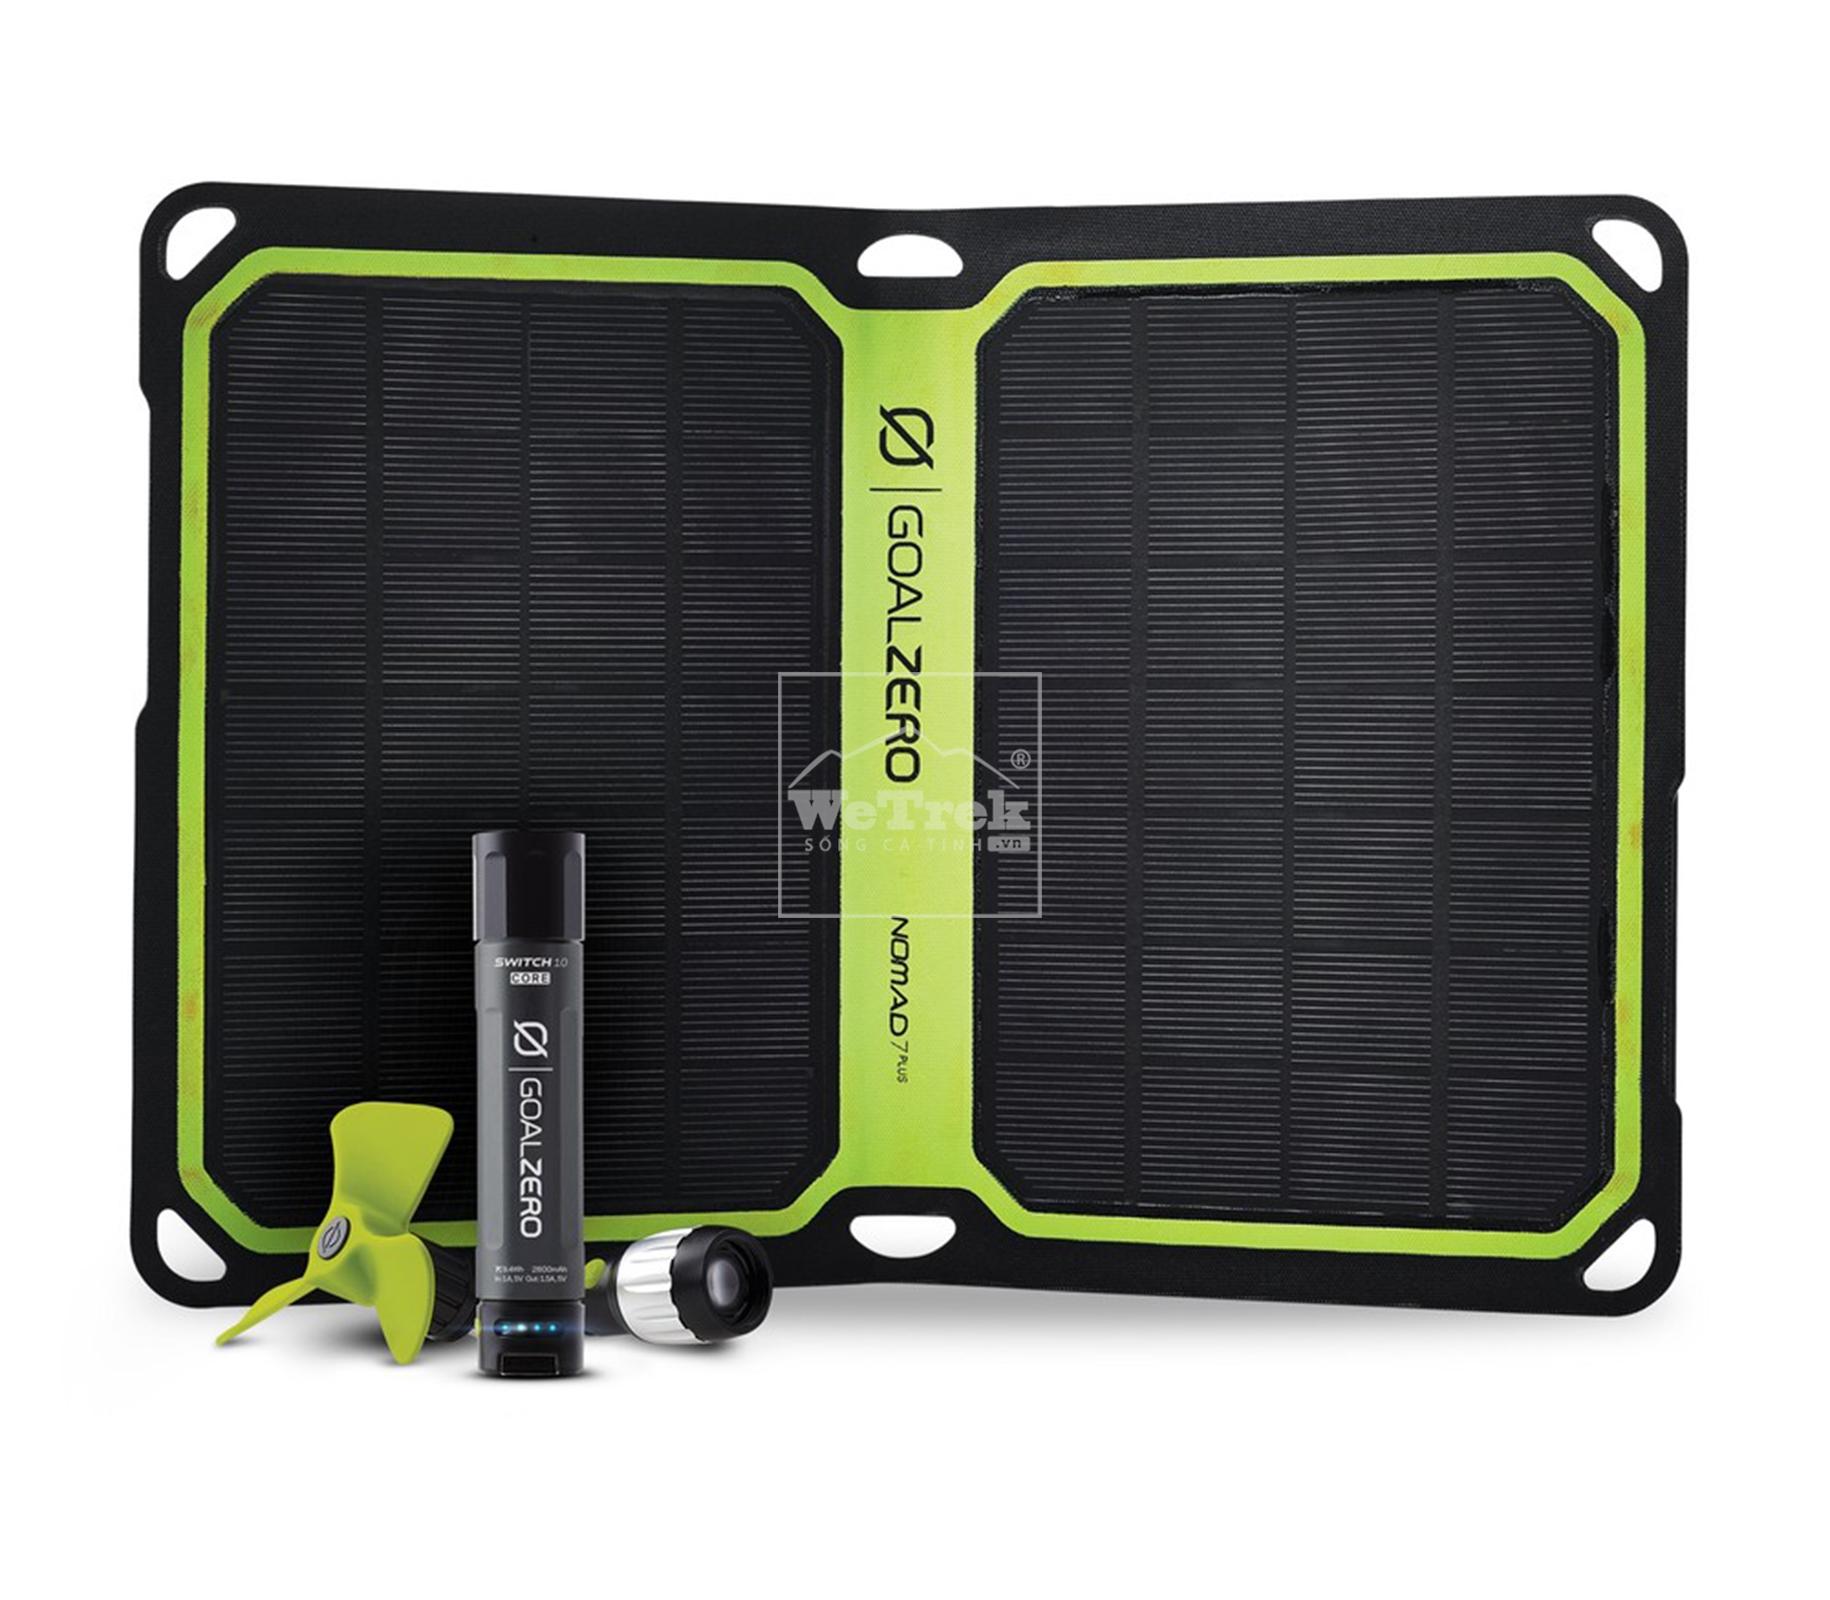 Bộ chuyển mạch năng lượng mặt trời Goal Zero Switch 10 Core Solar Kit 42034 - 8185